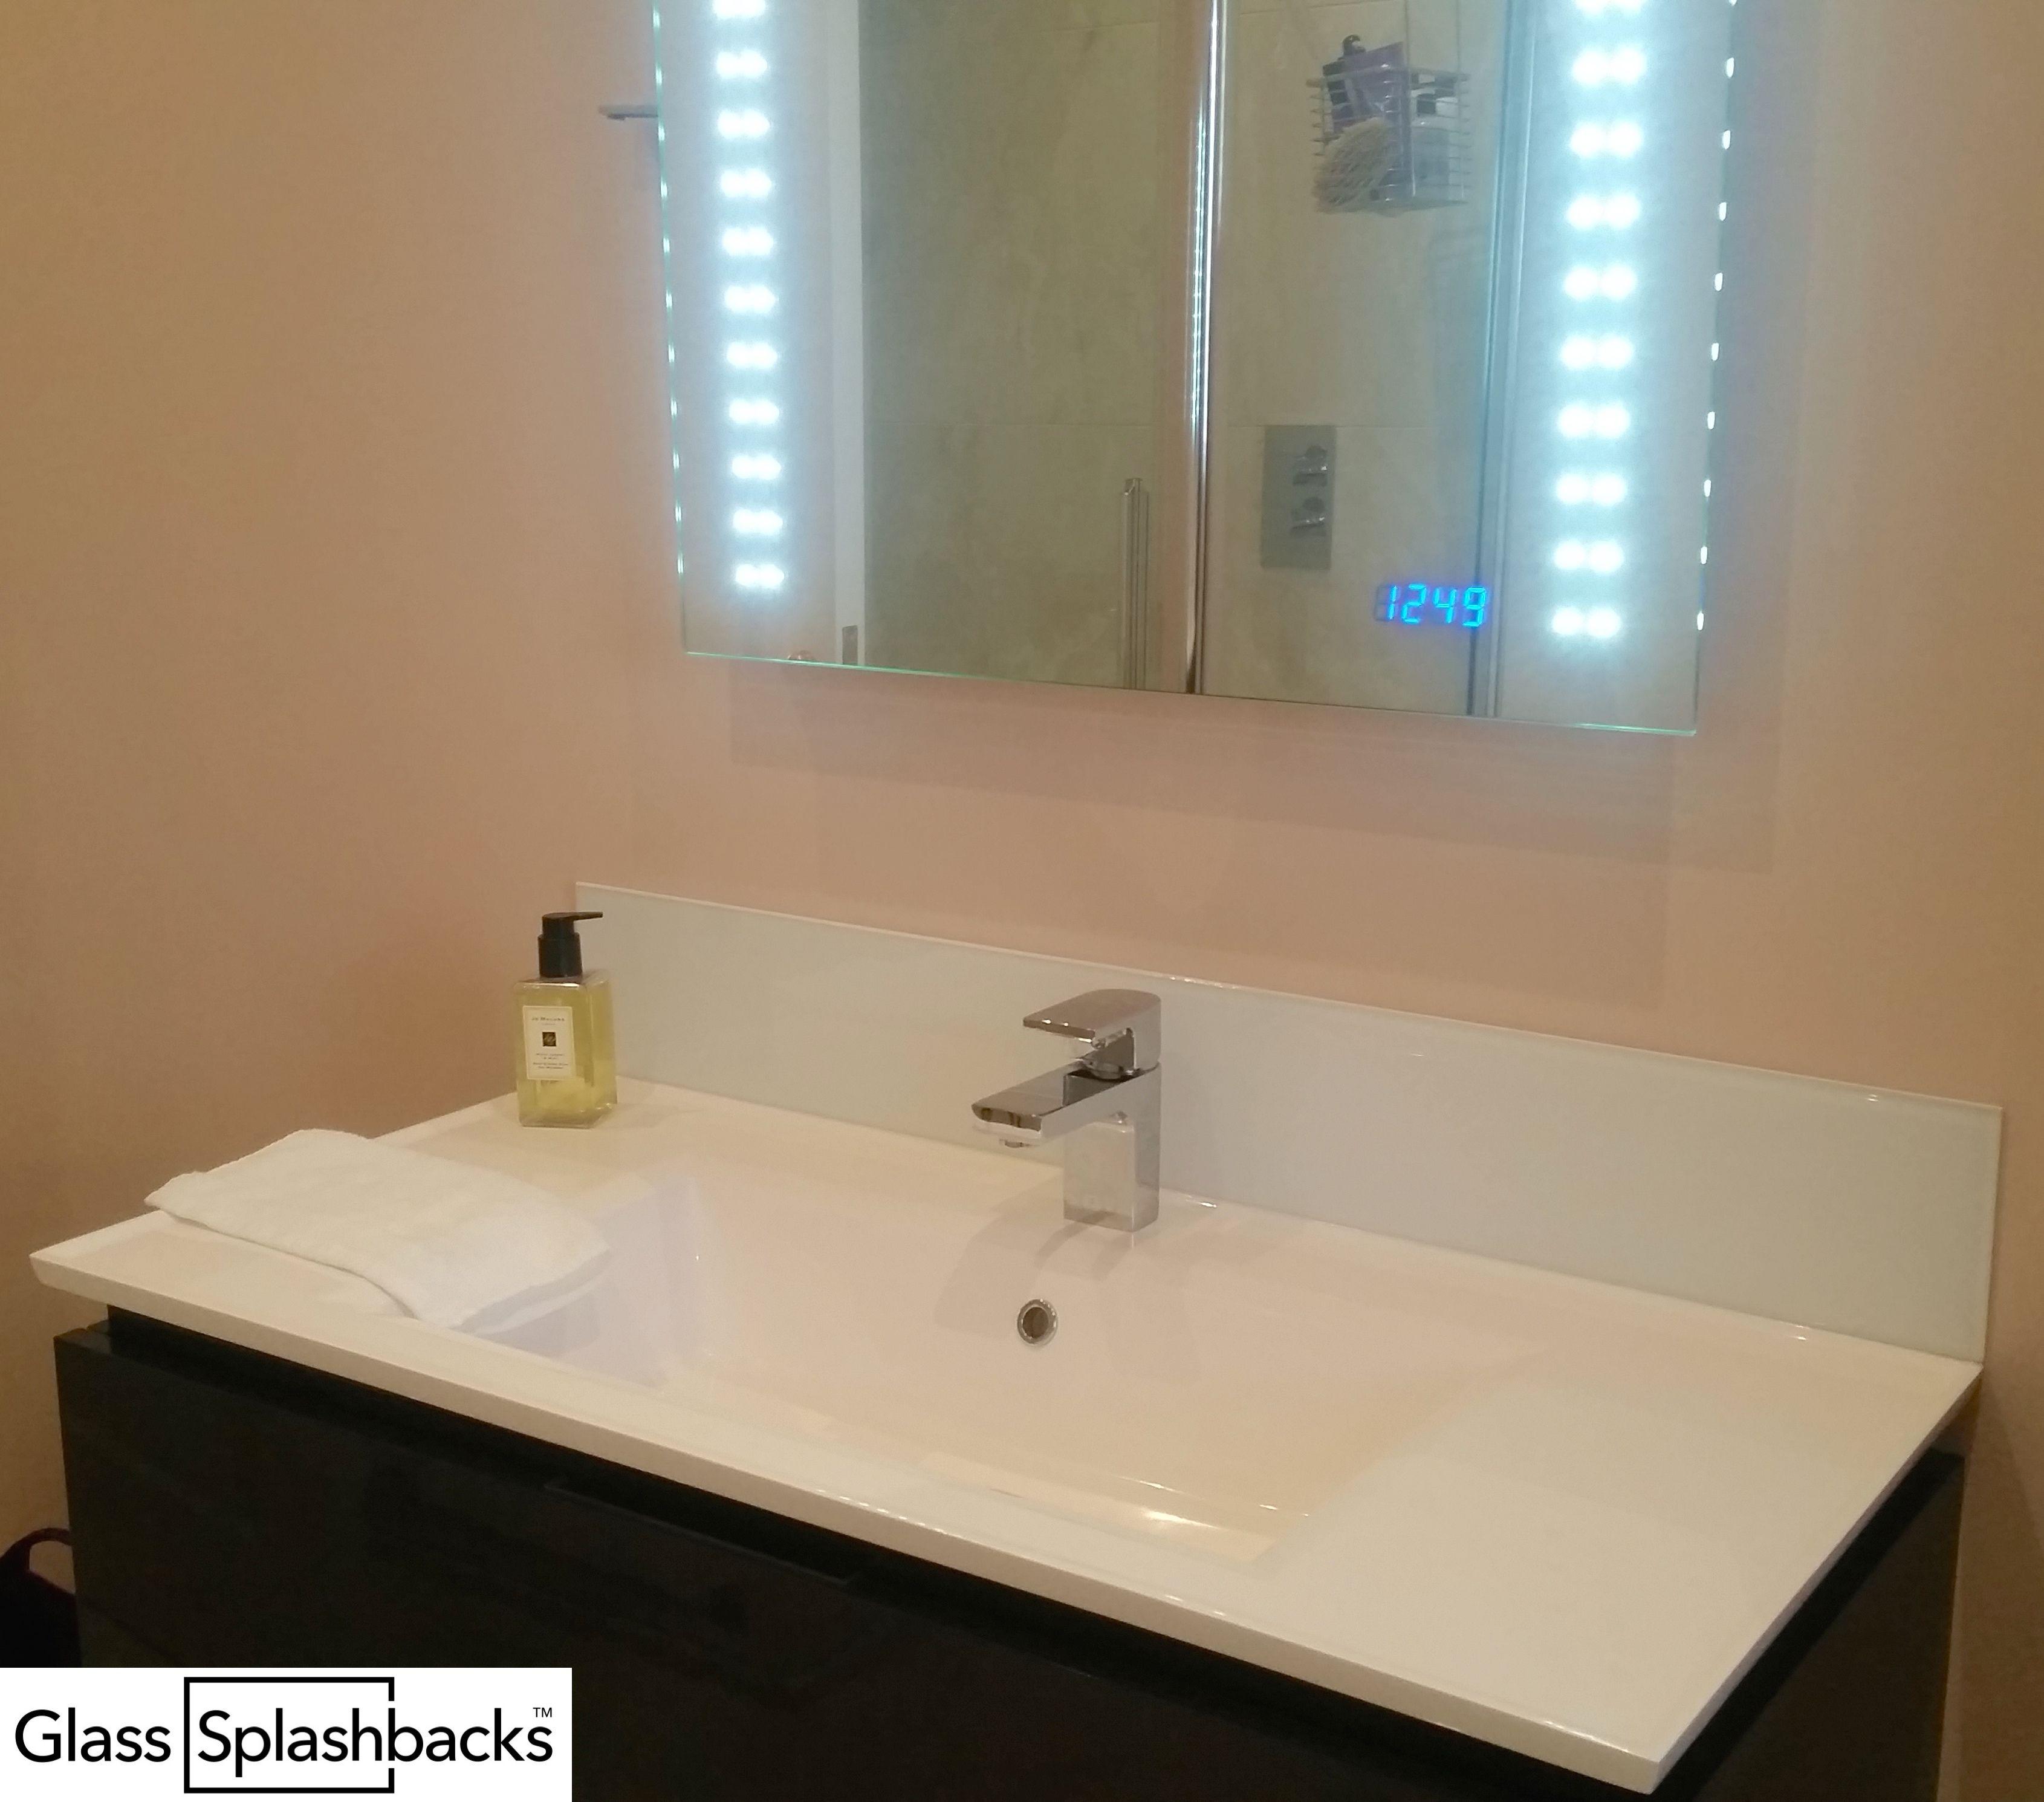 Bathroom sink splashback ideas - White Glass Sink Splashback By Glasssplashbacks Com Shop Our Range Of Standard Sized Sink Splashbacks